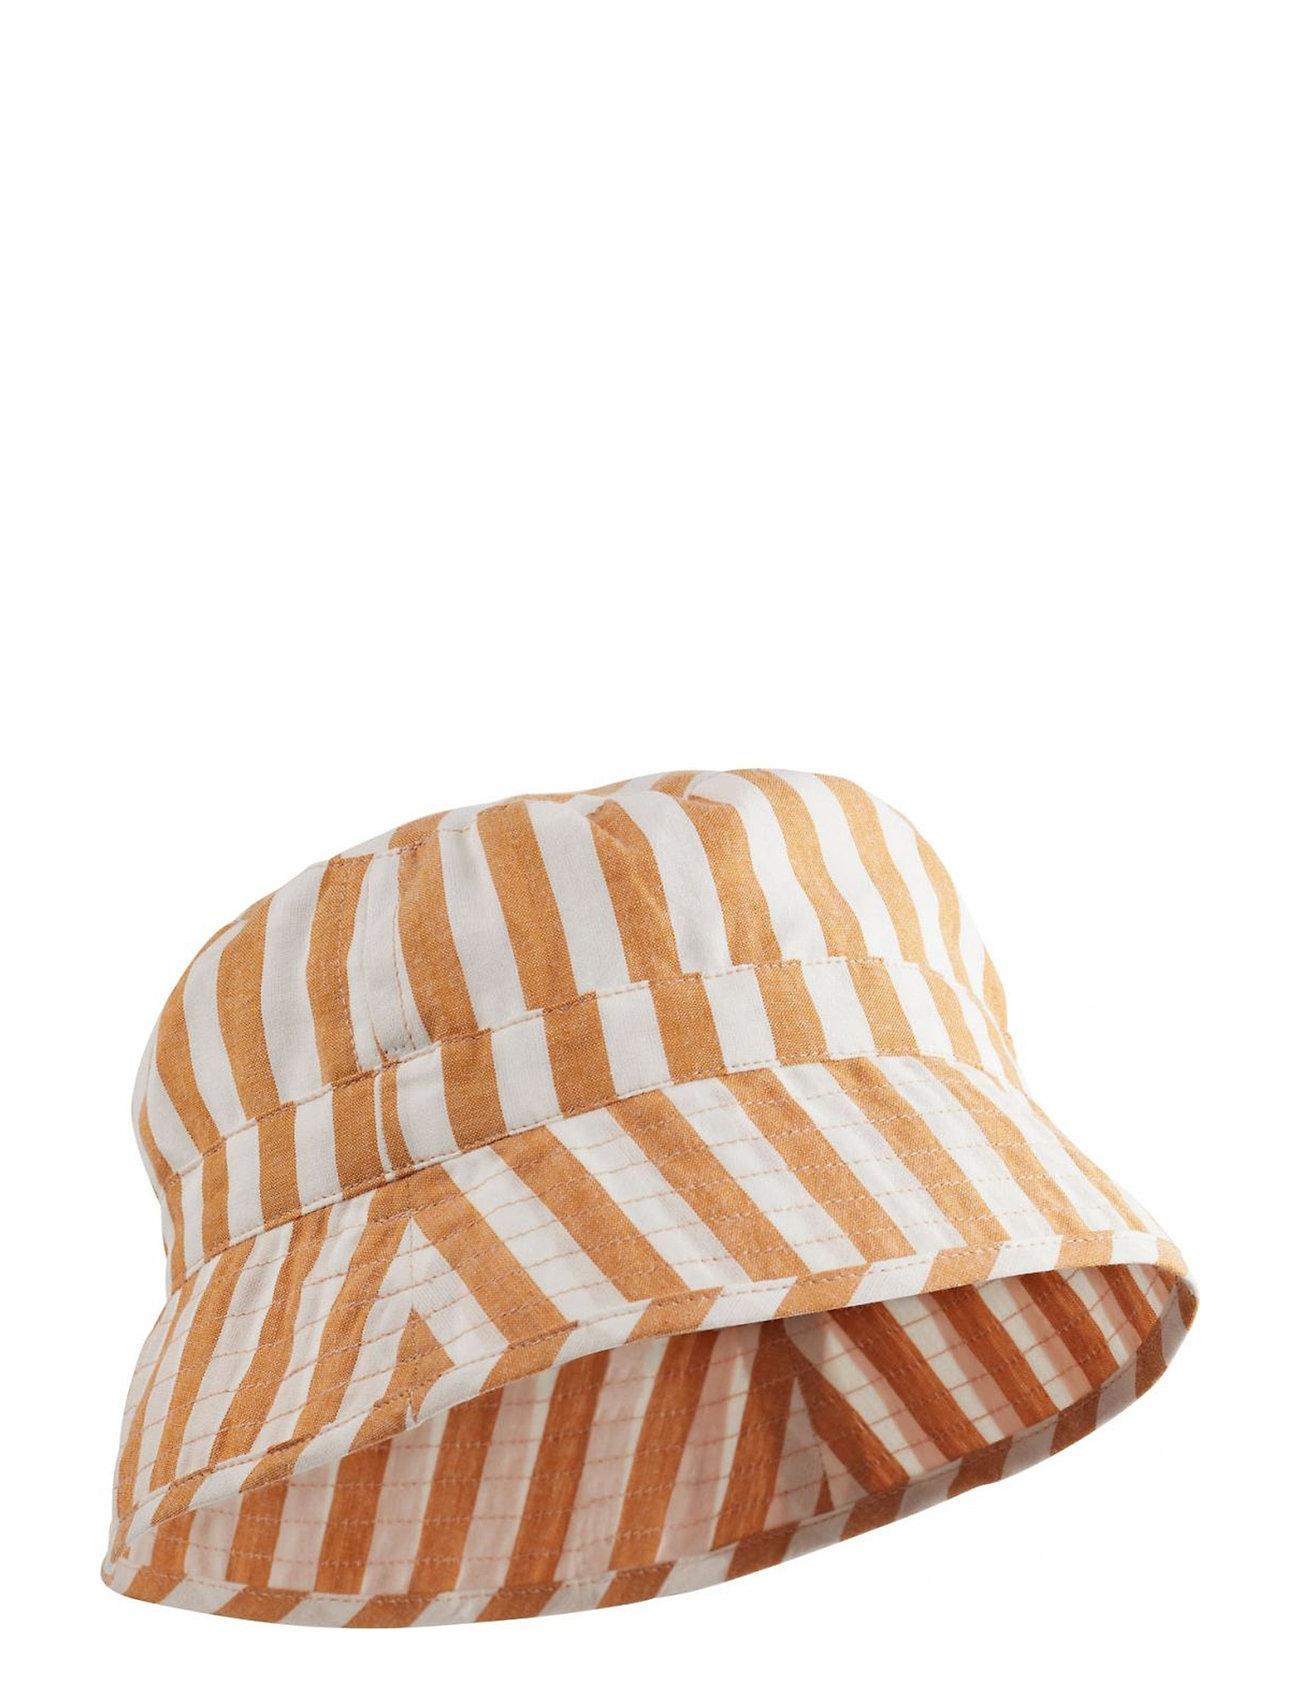 Image of Jack Bucket Hat (3158636479)